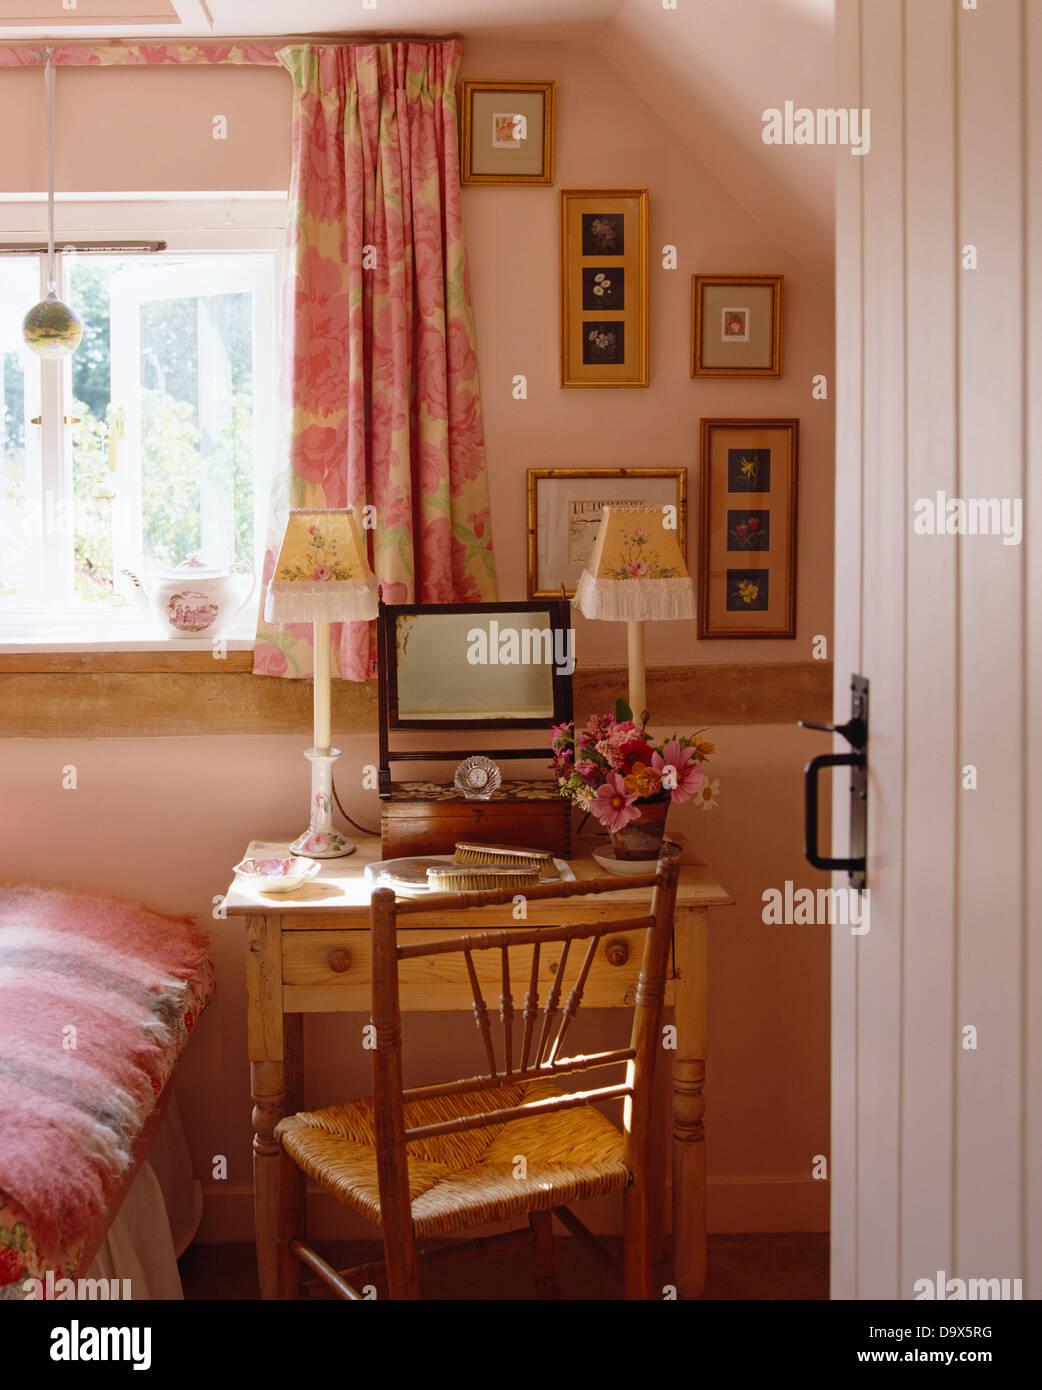 Schlafzimmer Tur Offnen #15: Tür Zu öffnen, Zu Rosa Hütte Schlafzimmer Mit Rosa Vorhänge Am Fenster über  Kleine Kiefer Schminktisch Mit Spiegel Und Antiken Stuhl